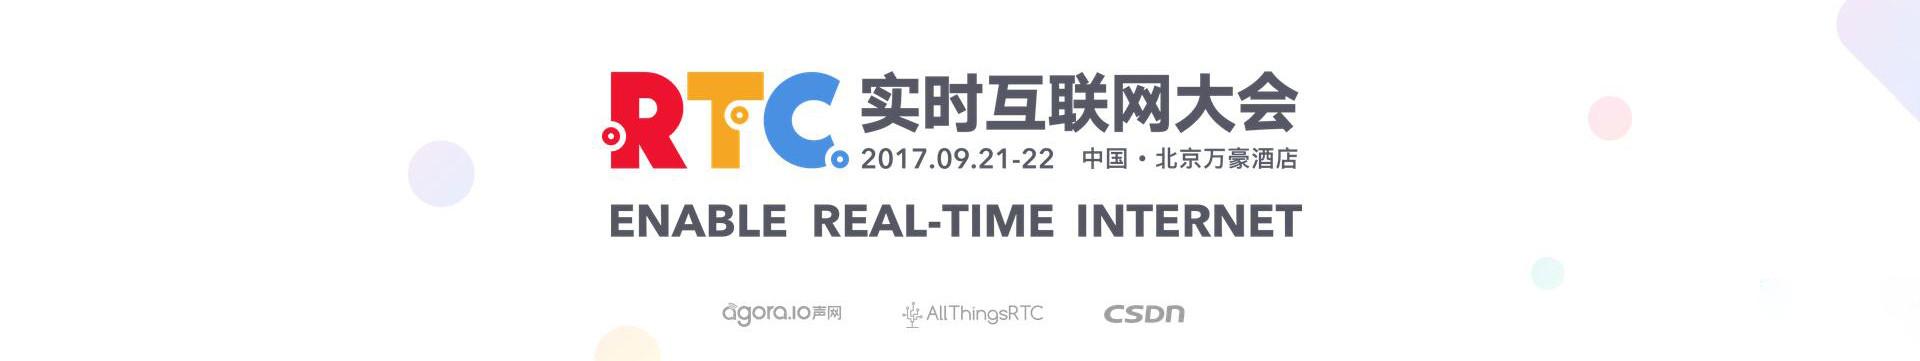 RTC 2017实时互联网大会